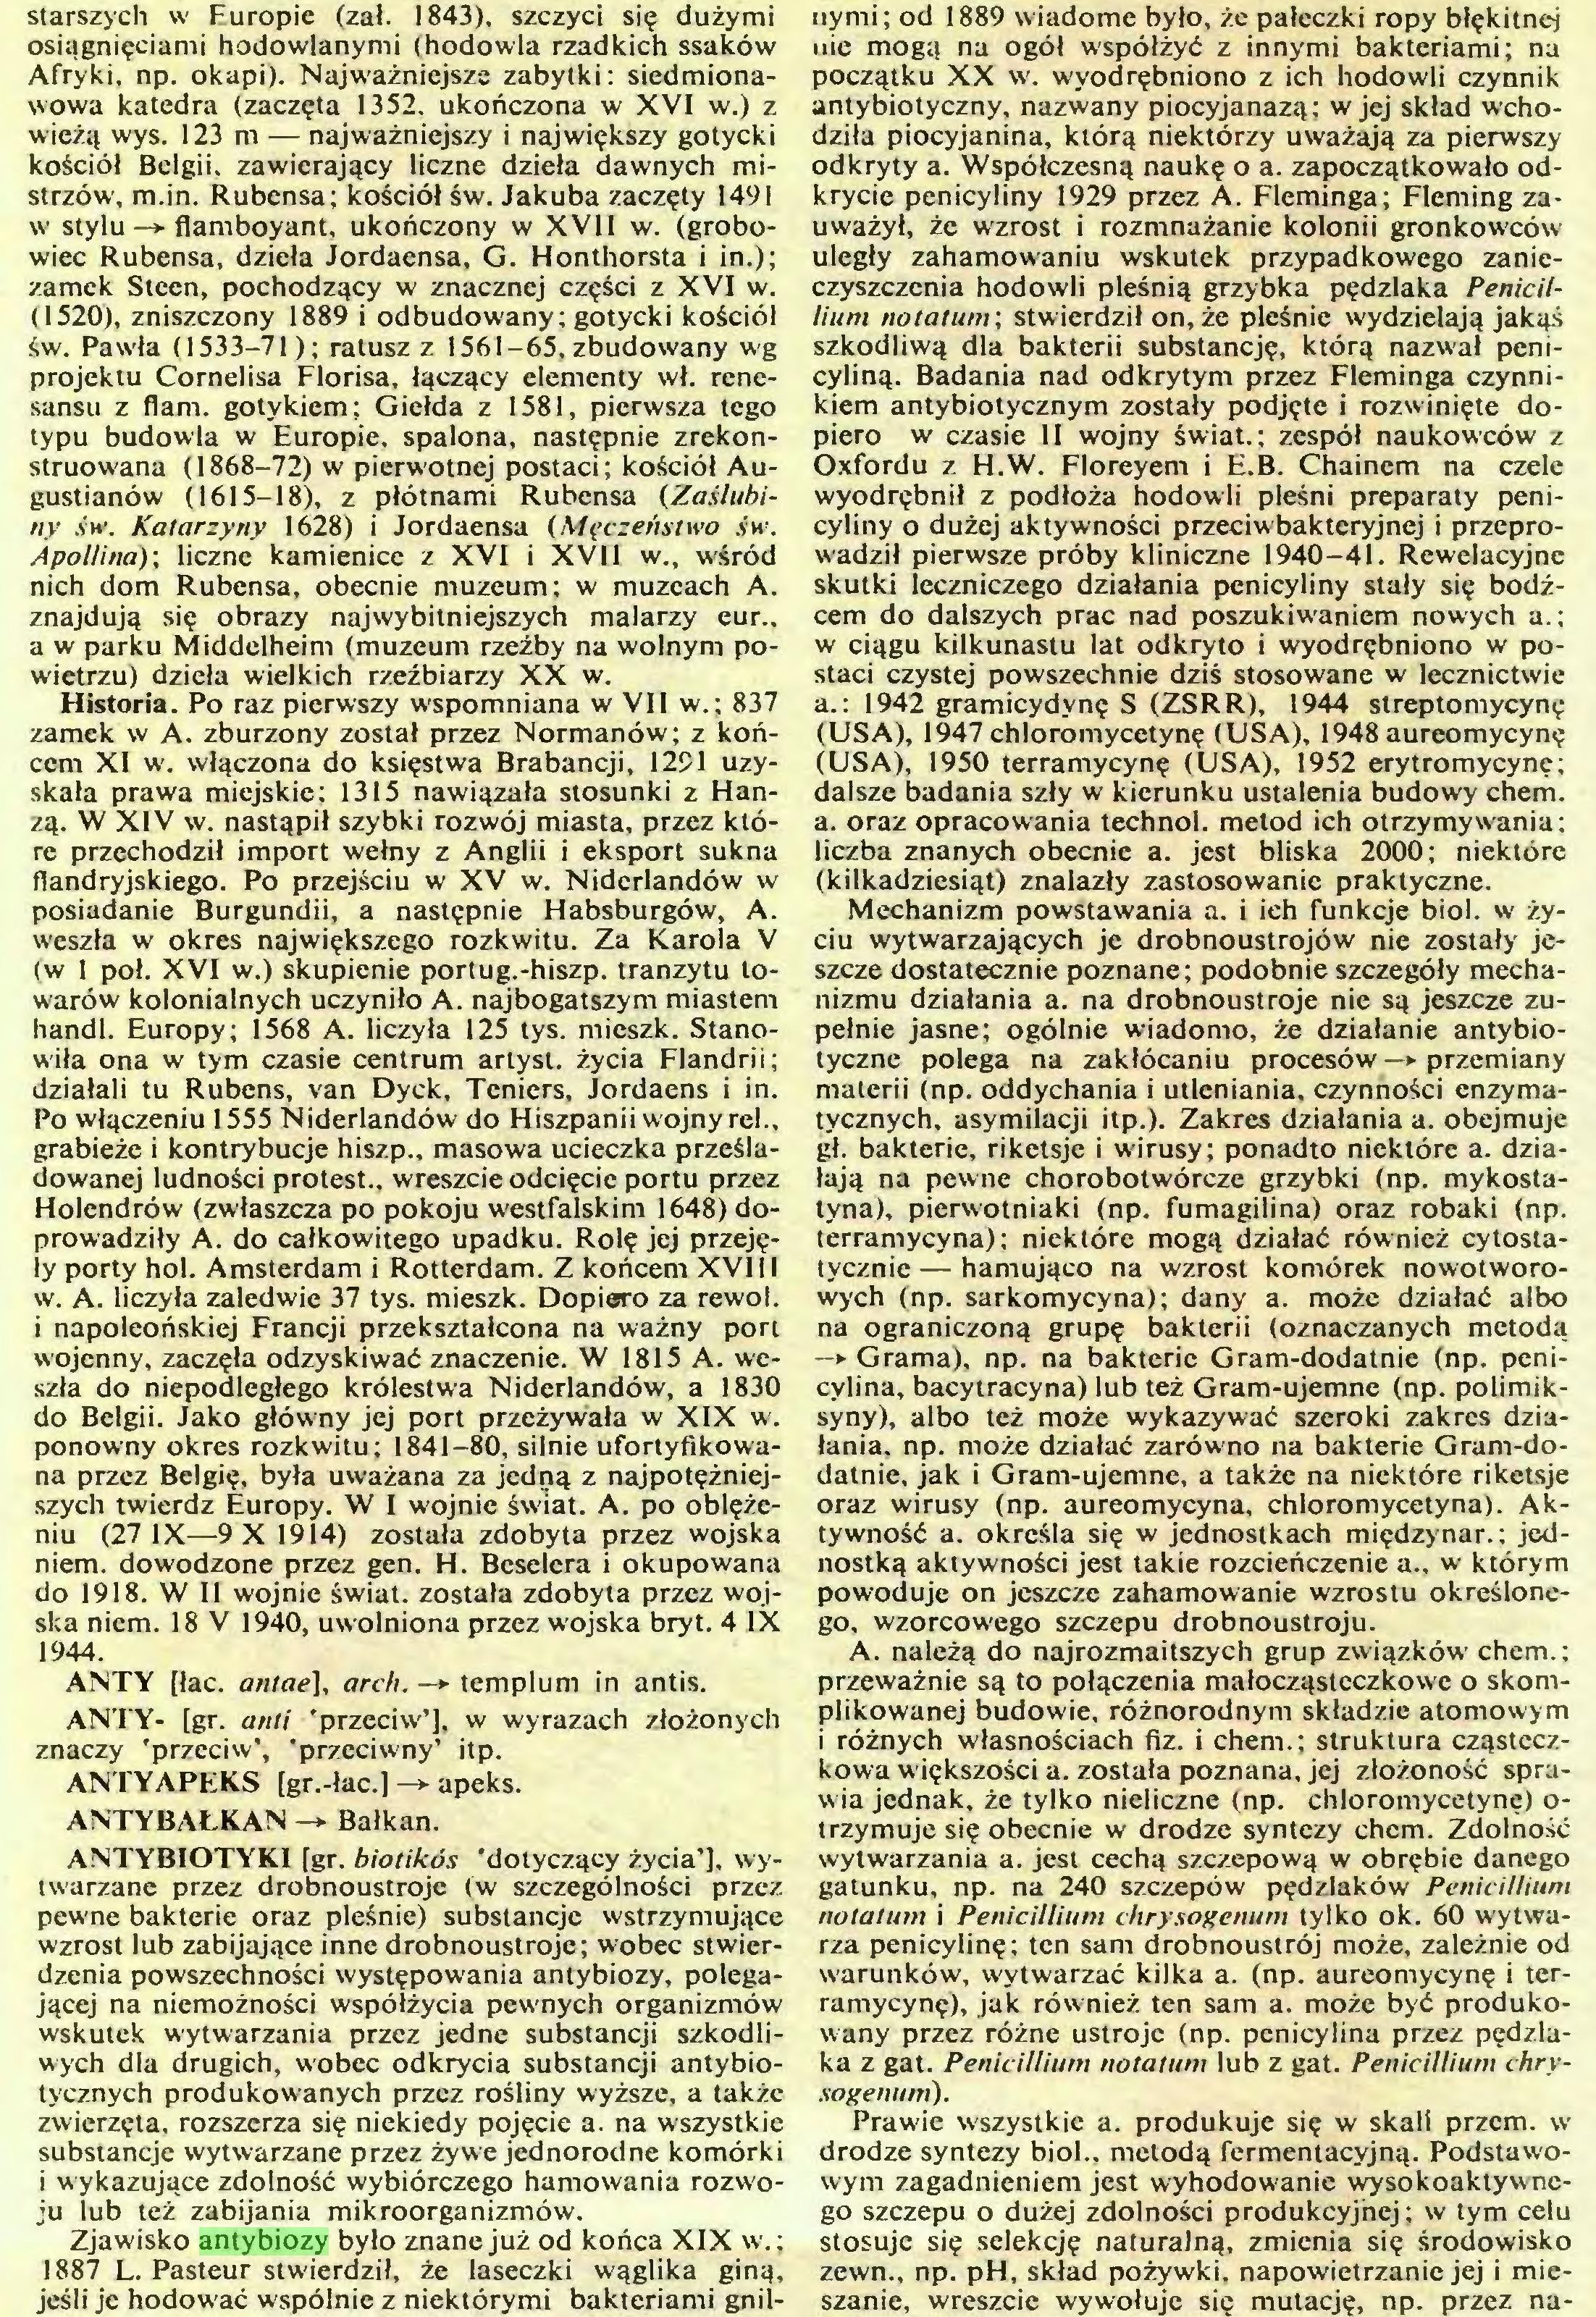 (...) Zjawisko antybiozy było znane już od końca XIX w.; 1887 L. Pasteur stwierdził, że laseczki wąglika giną, jeśli je hodować wspólnie z niektórymi bakteriami gnil¬ nymi ; od 1889 wiadome było, żc pałeczki ropy błękitnej nie mogą na ogół współżyć z innymi bakteriami; na początku XX w. wyodrębniono z ich hodowli czynnik...